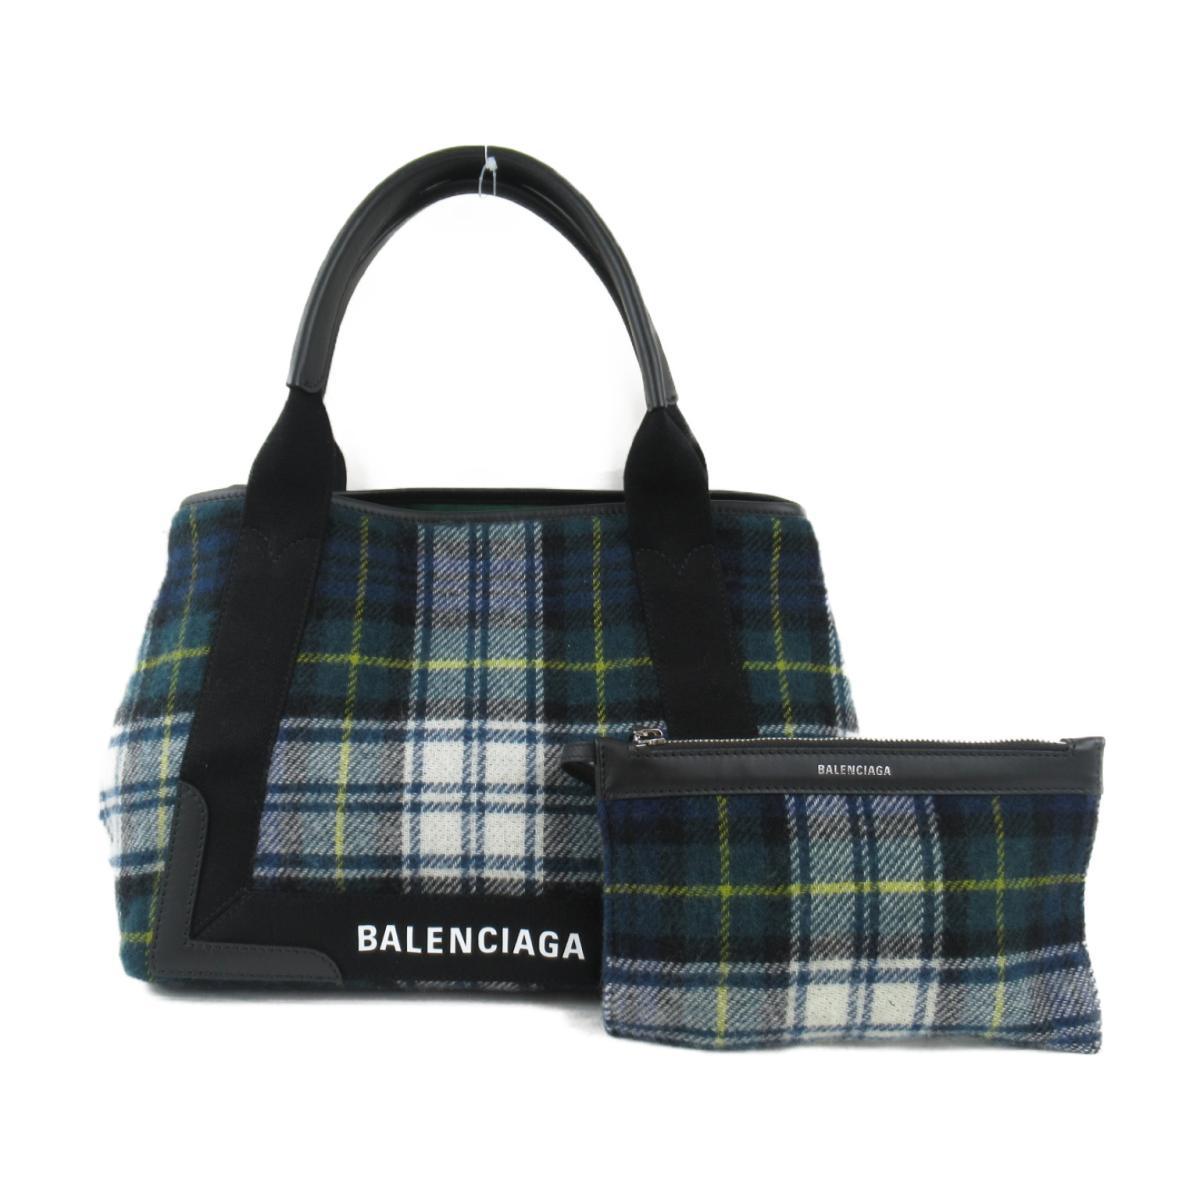 【中古】バレンシアガ ネイビーカバS トートバッグ メンズ レディース ウール x カーフスキン グリーン系マルチカラー (339933) | BALENCIAGA BRANDOFF ブランドオフ ブランドバッグ かばん バッグ バック ハンドバッグ